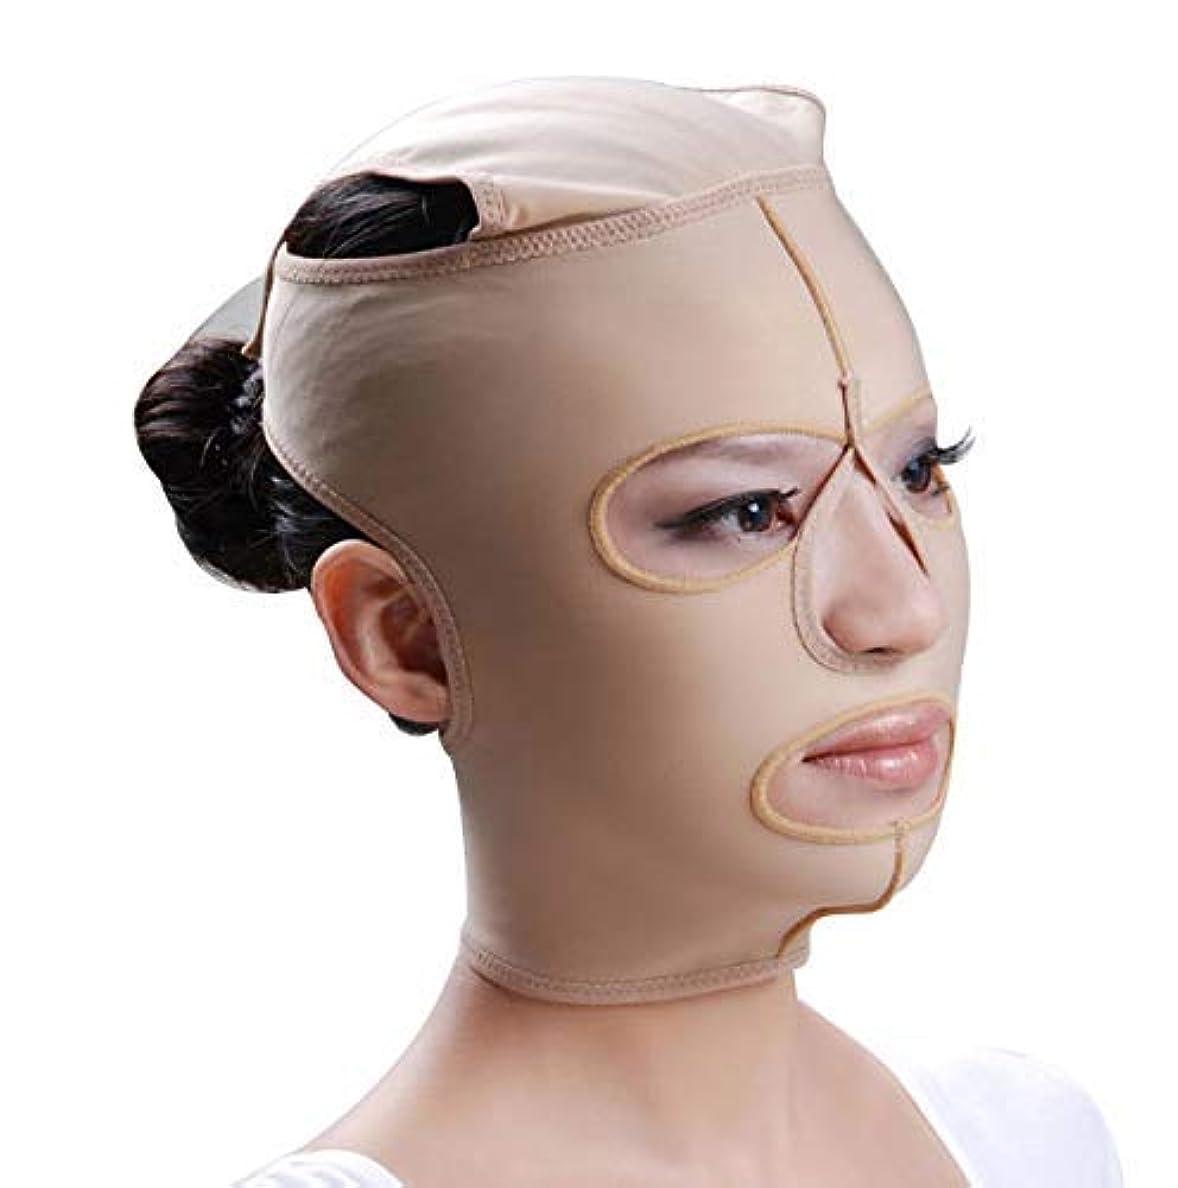 図書館メディック苦味ファーミングフェイスマスク、フェイシャルマスクエラスティックフェイスリフティングリフティングファーミングパターンマイクロフィニッシングポストモデリングコンプレッションフェイスマスク(サイズ:S),S